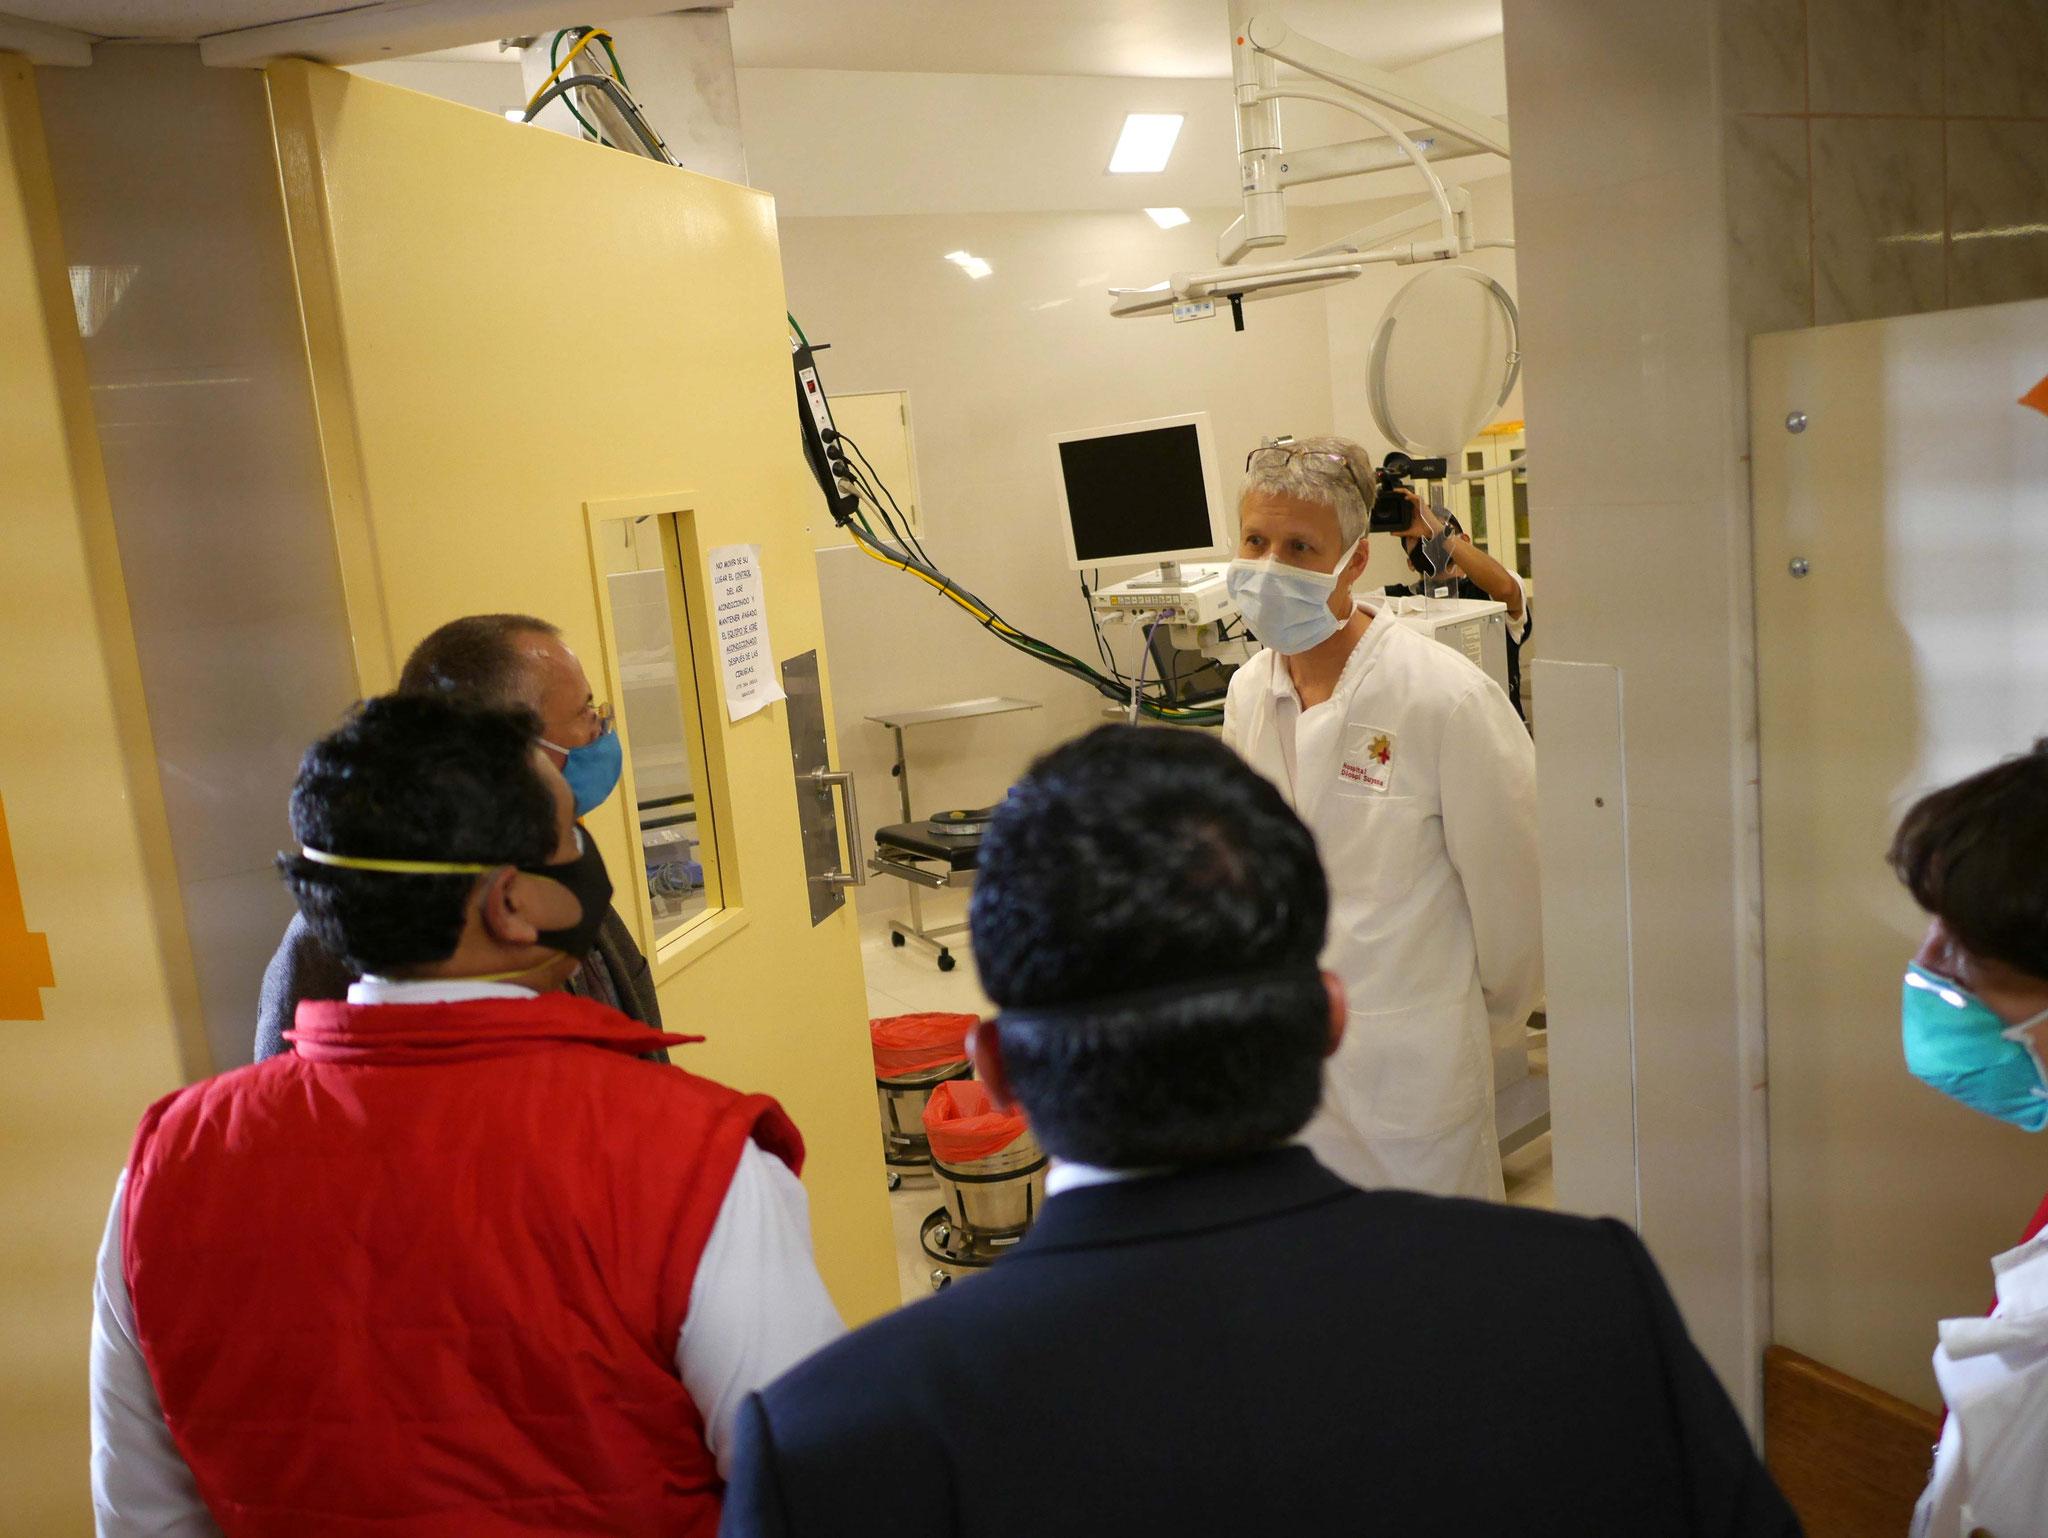 Beim Rundgang durchs Hospital: Werner erklärt die Art der Patienten und die operative Versorgung im Augen-OP.